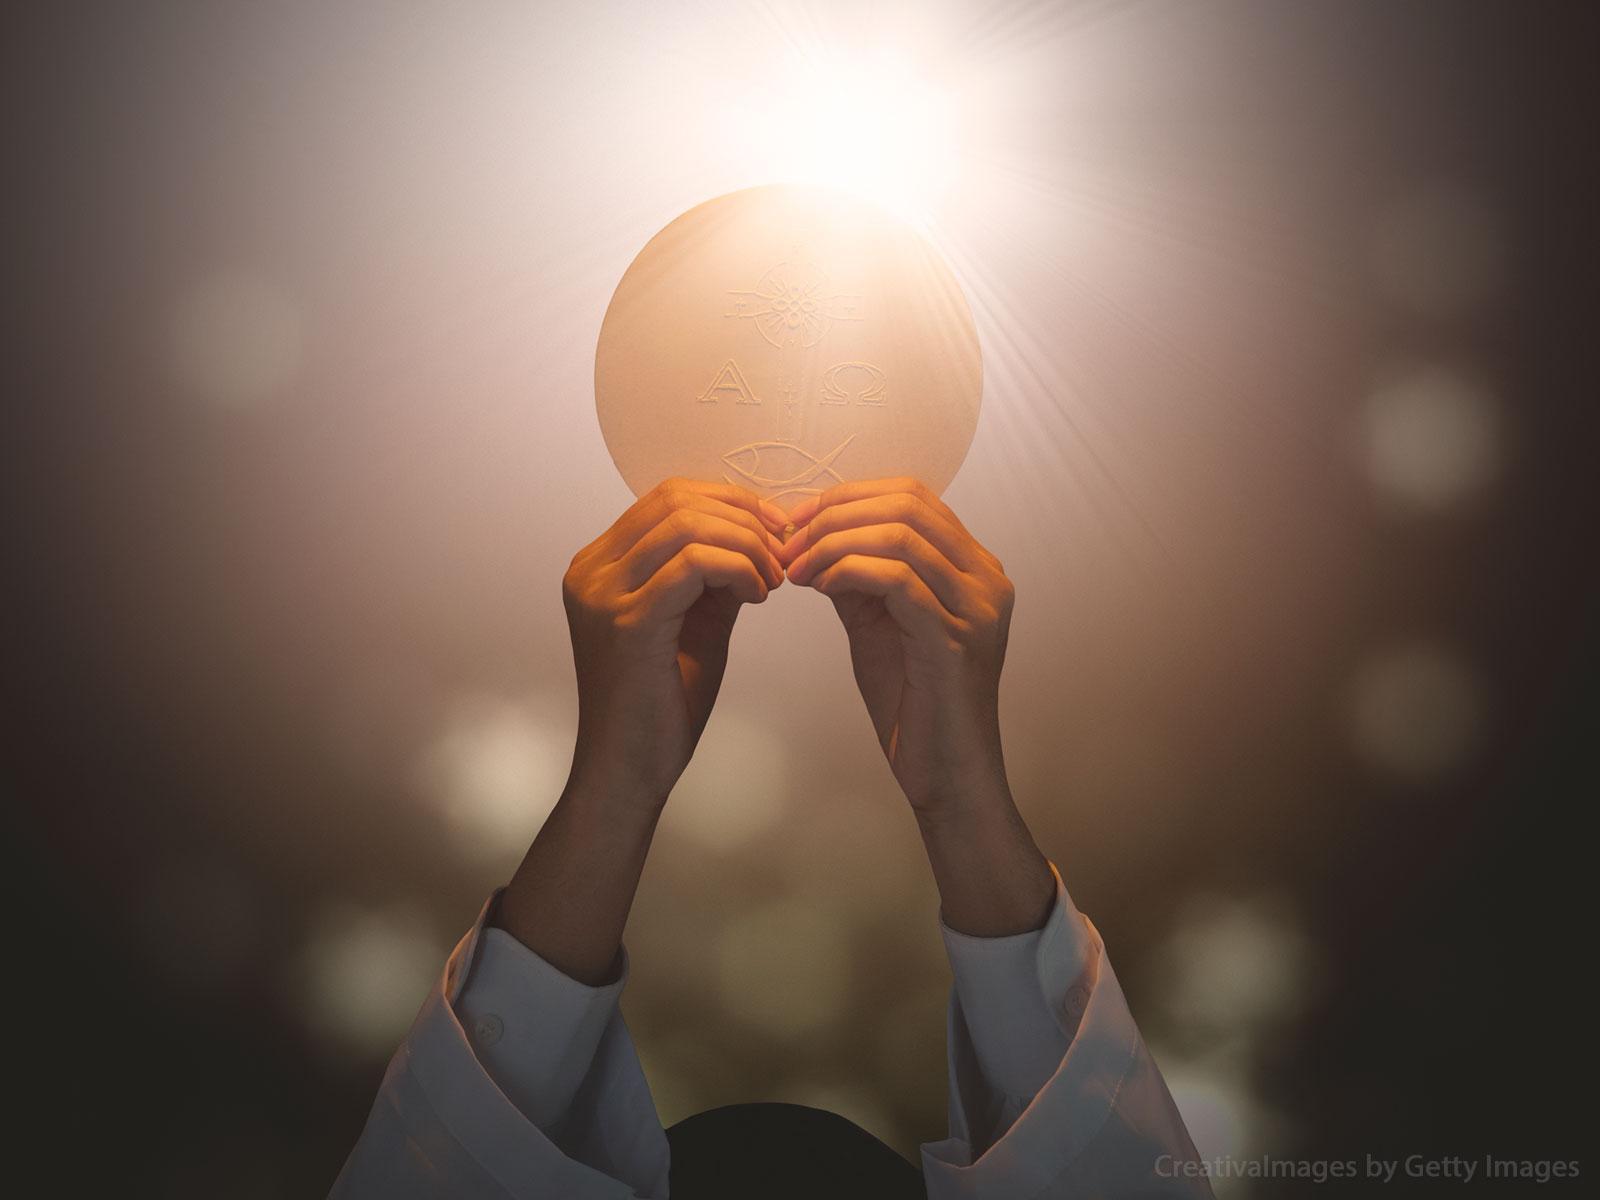 O maná e a Eucaristia: qual sabor tem o pão da vida?